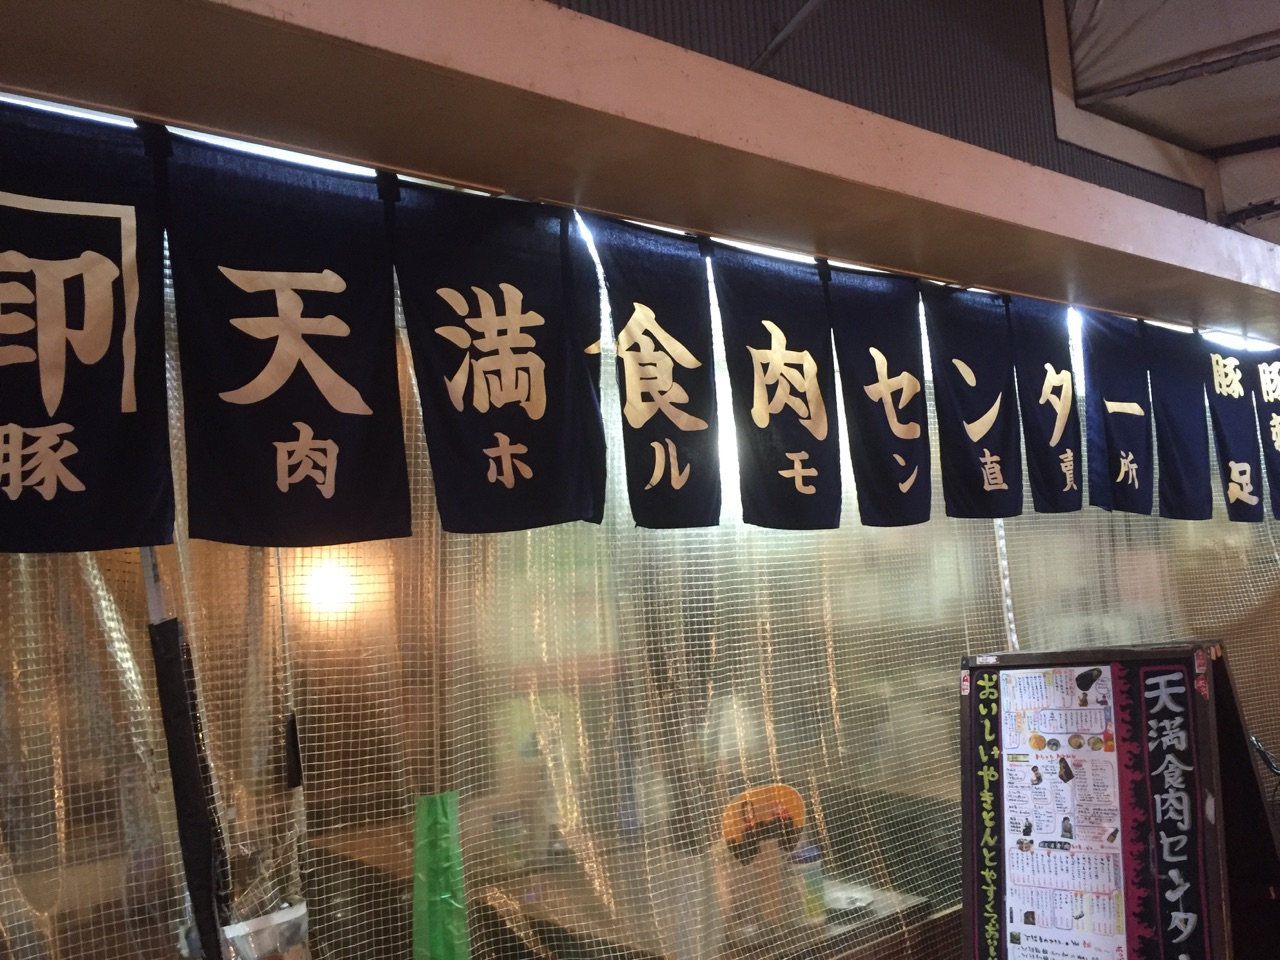 センター 天満 食肉 天満食肉センター [大阪府/やきとん・居酒屋]